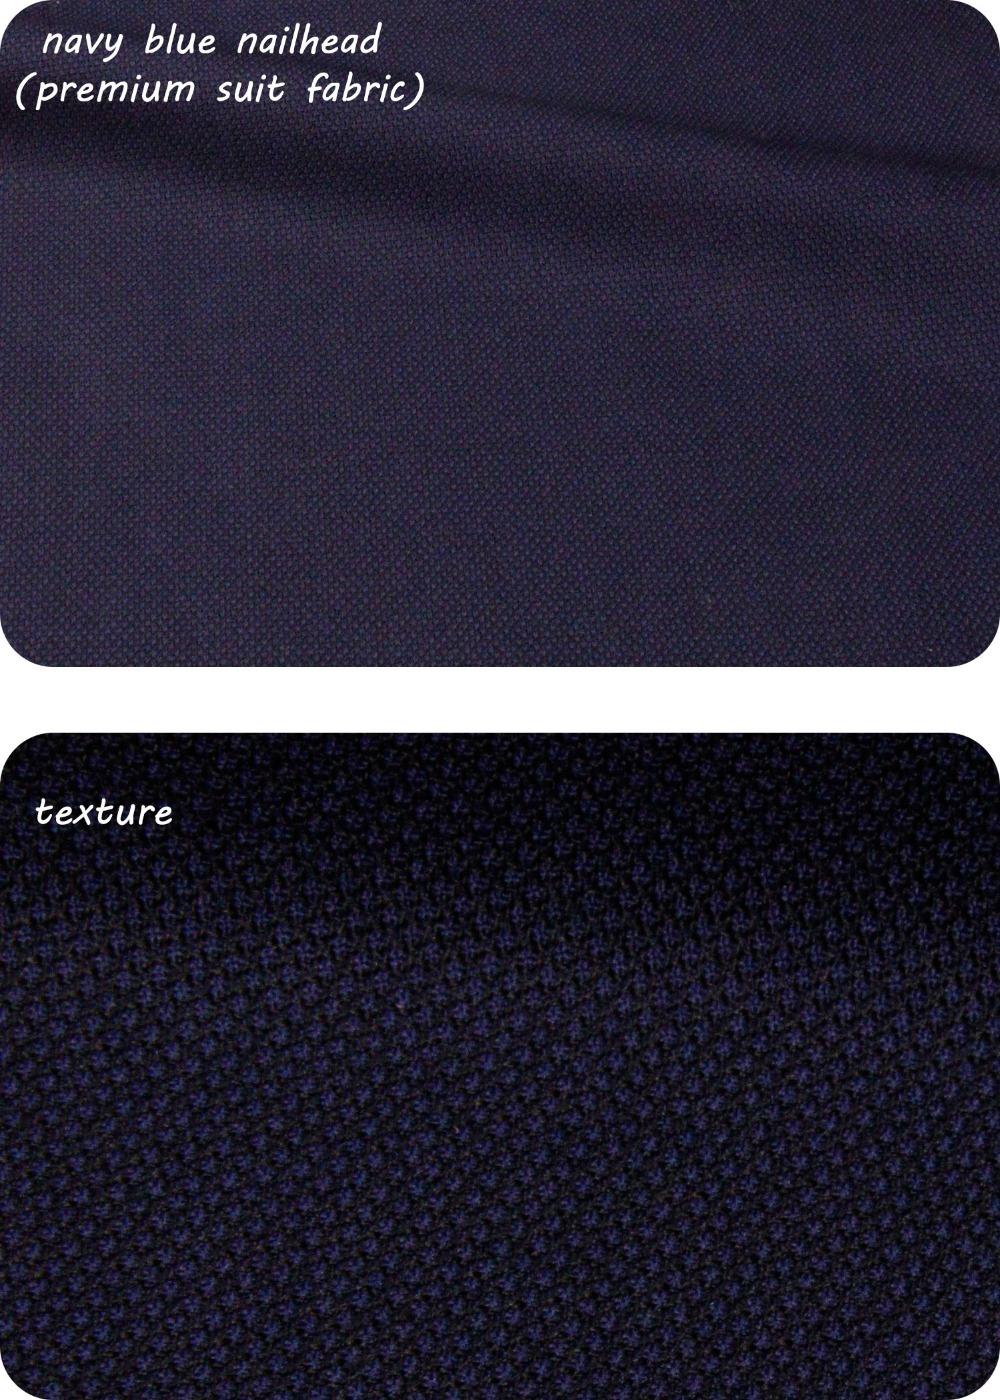 navy blue nailhead premium suit fabric